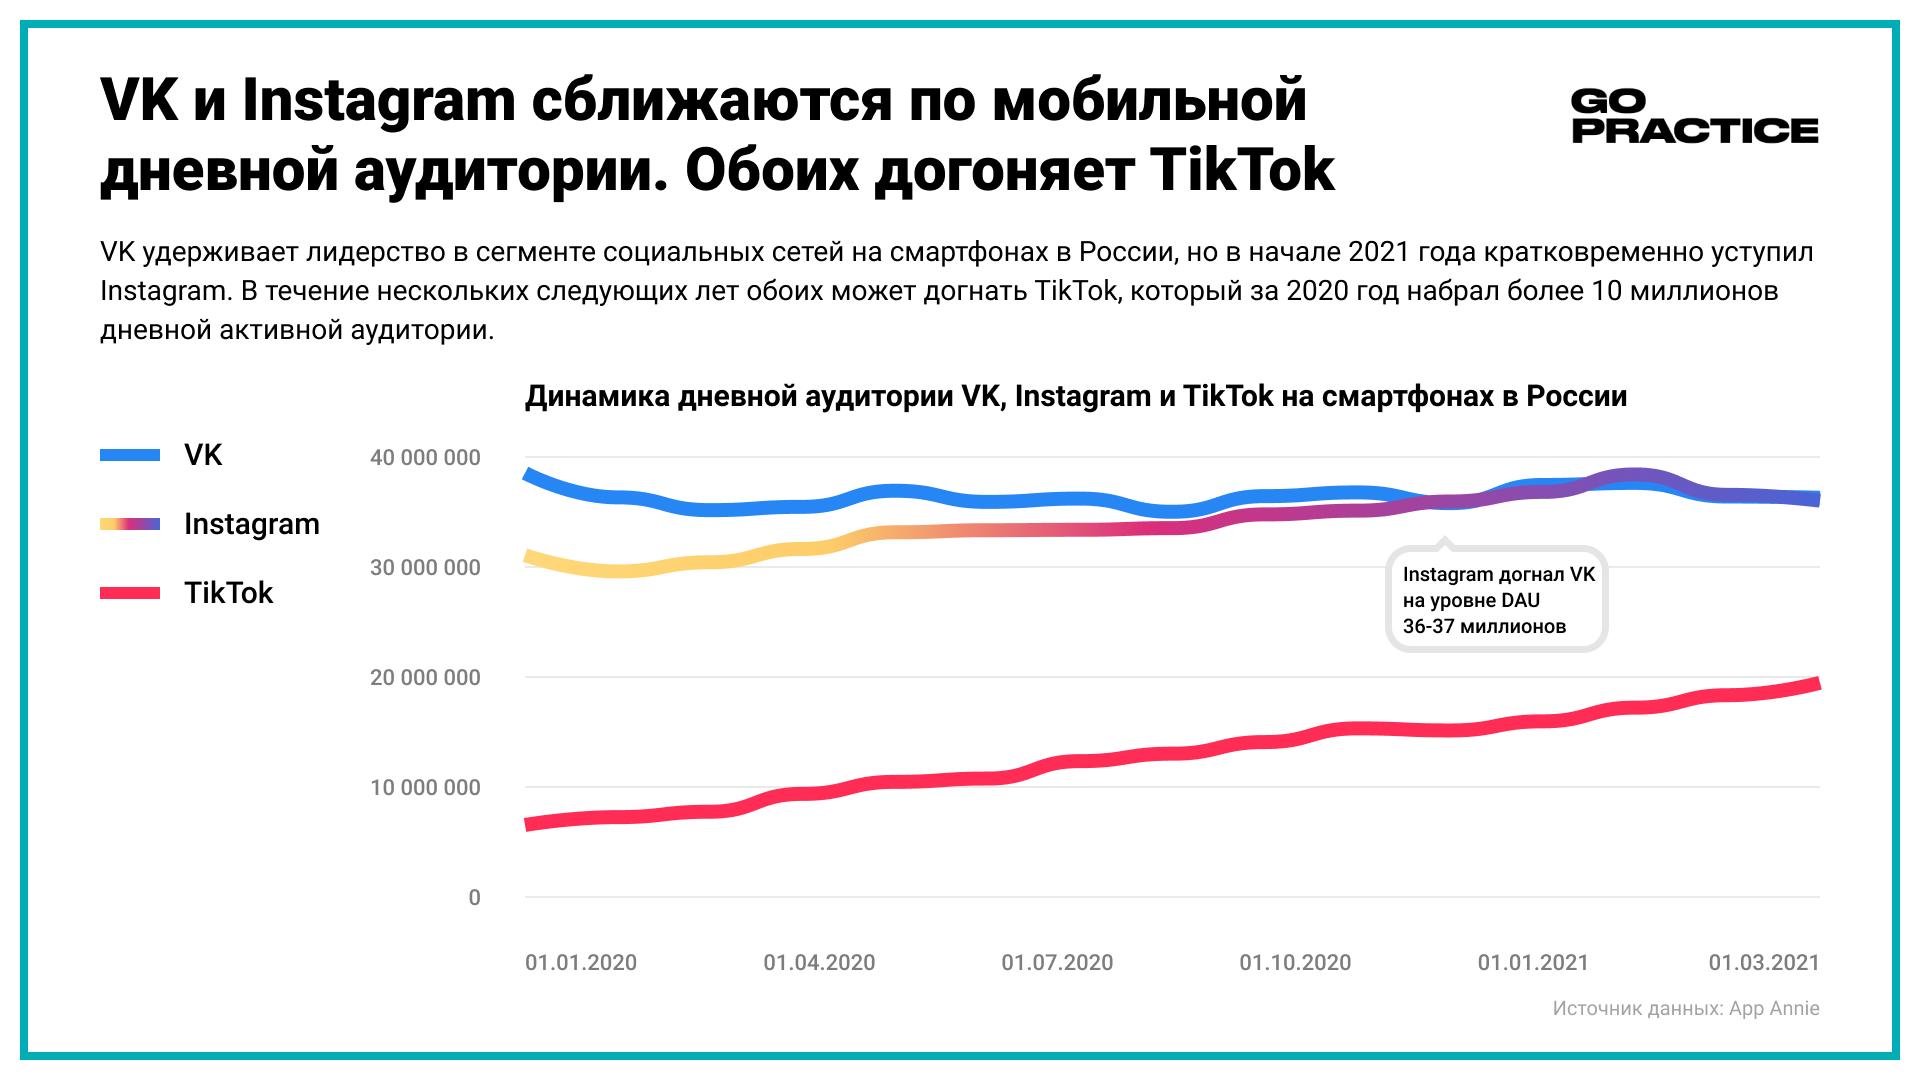 VK и Instagram сближаются по мобильной дневной аудитории. Обоих догоняет TikTok